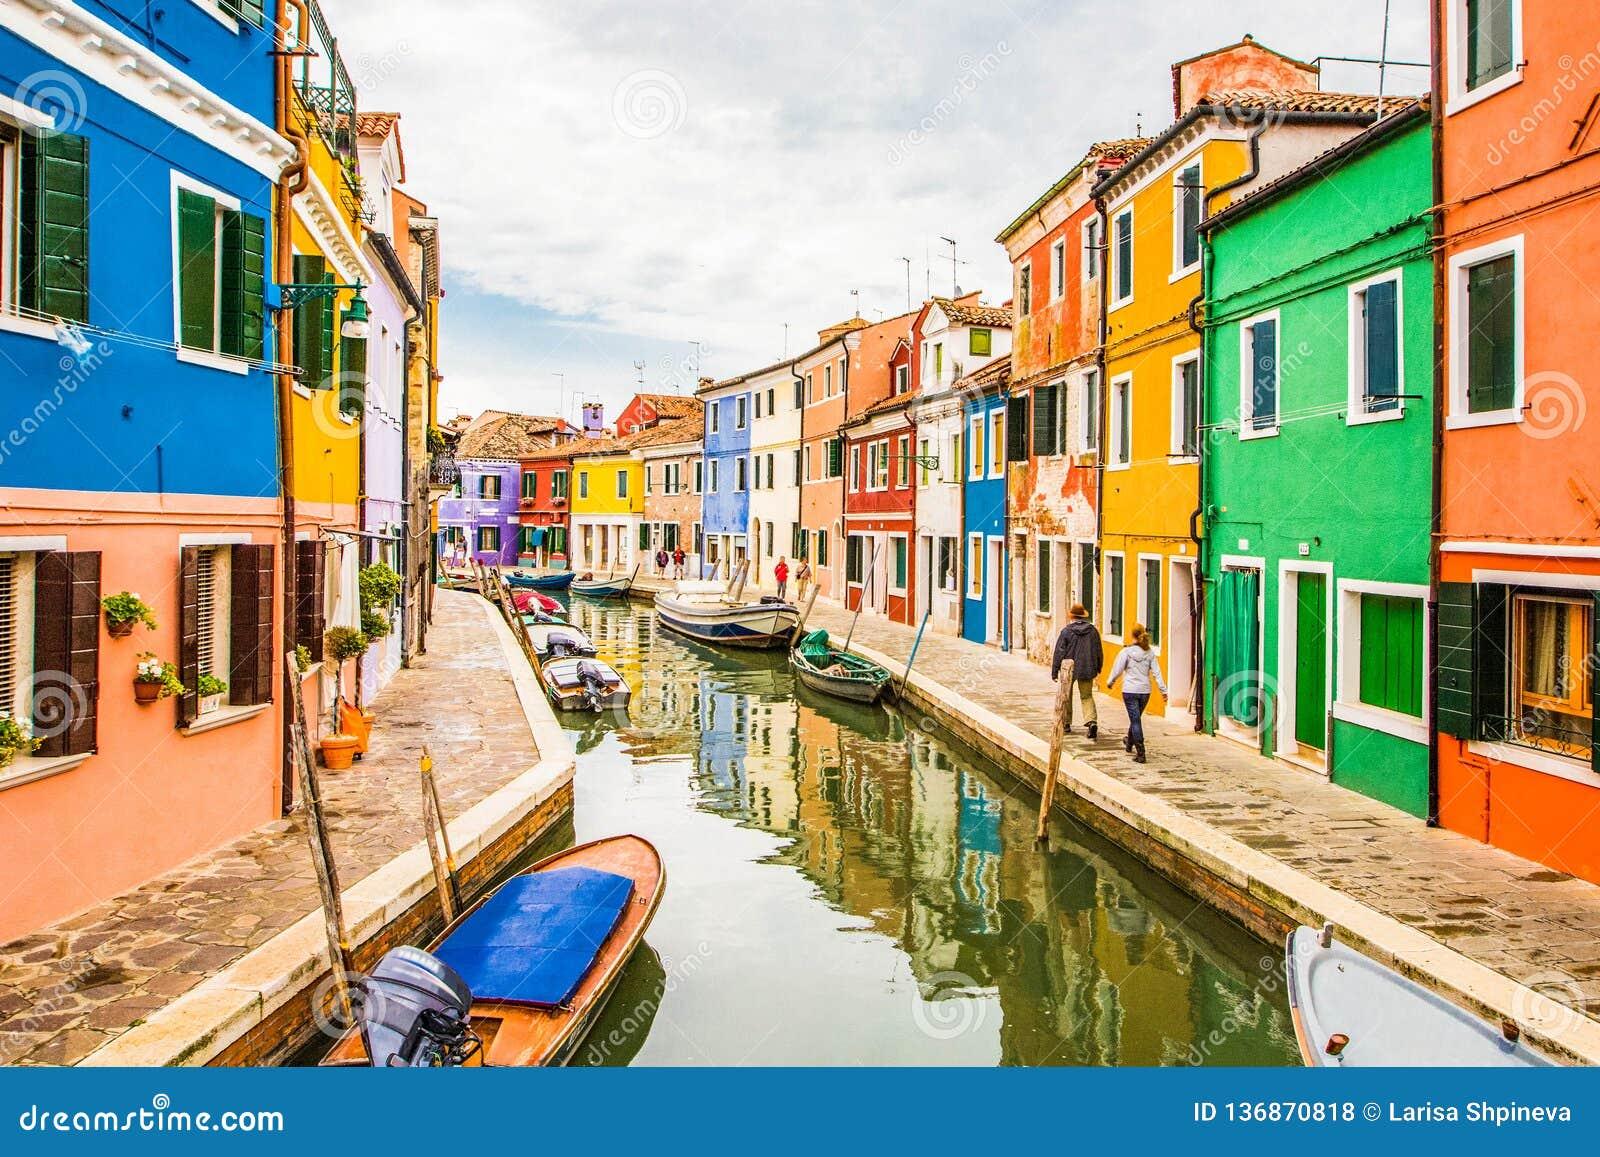 Vue sur la scène typique de rue montrant les maisons et les bateaux brillamment peints avec la réflexion le long du canal